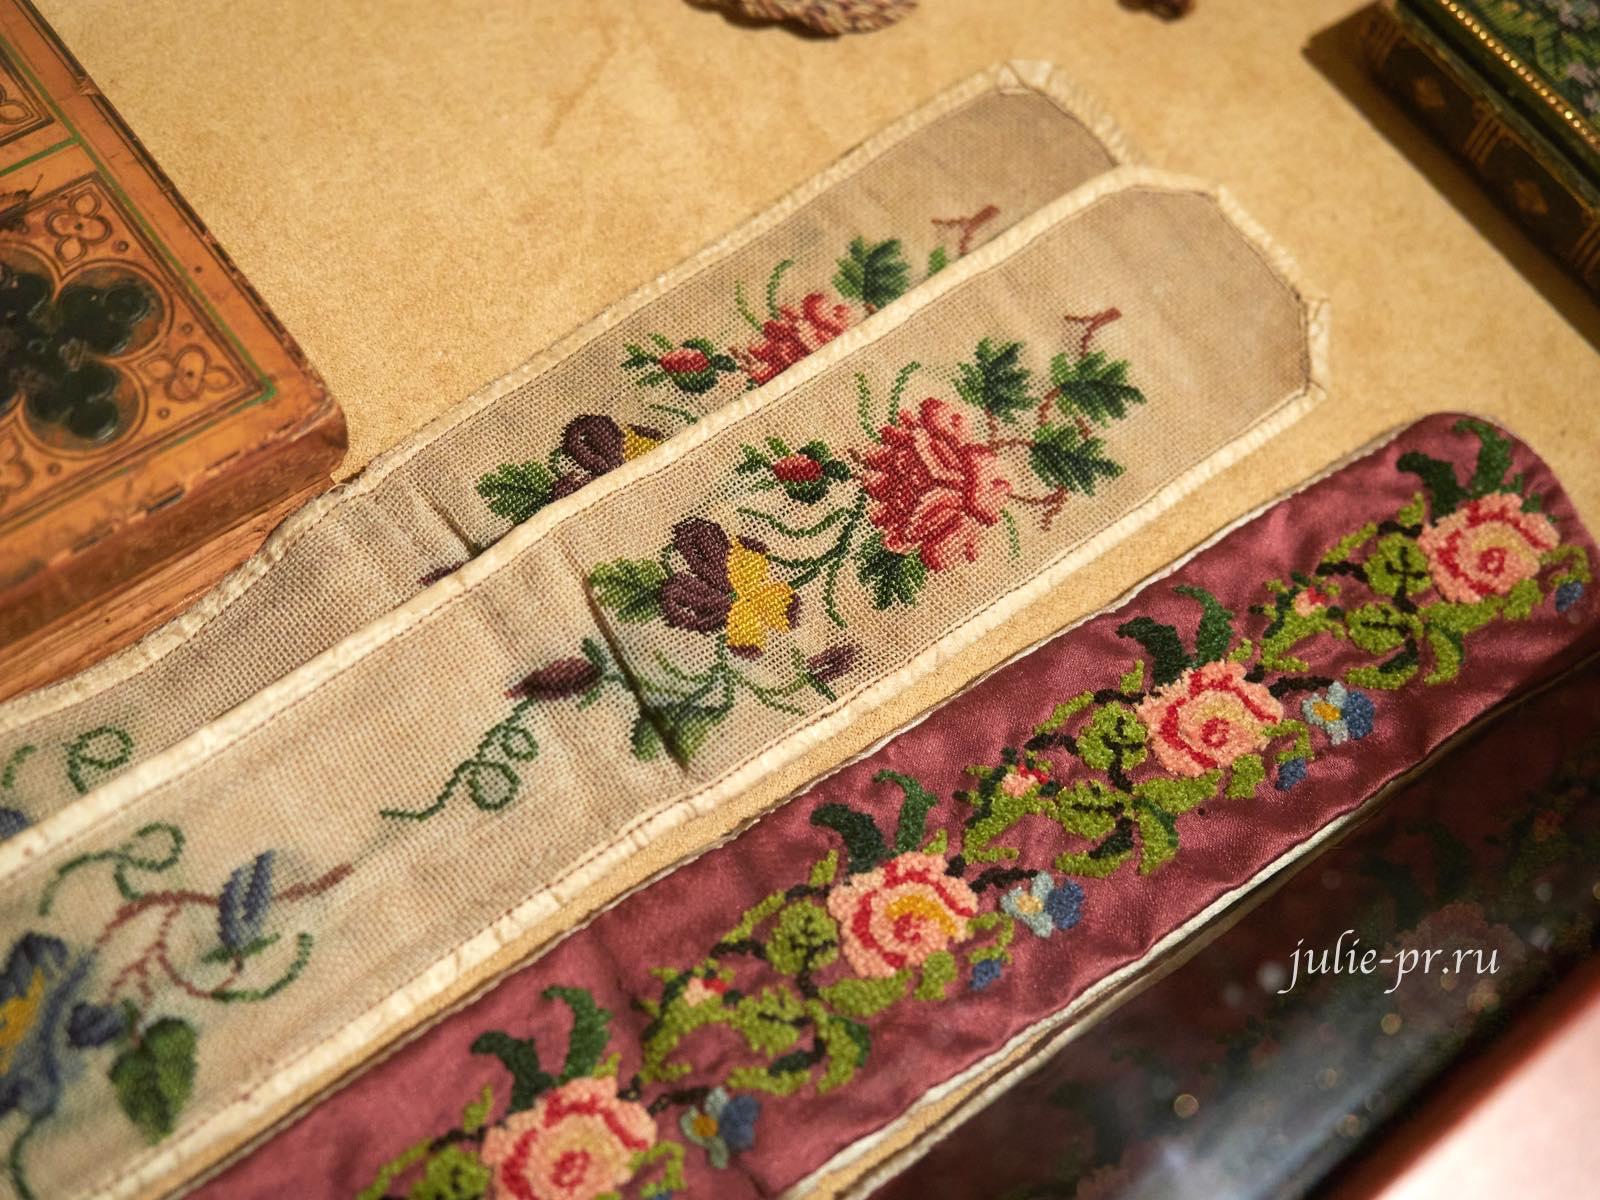 Вышитые мужские подтяжки, 1820 — 1840-е гг, Франция, выставка Старинные вышивки